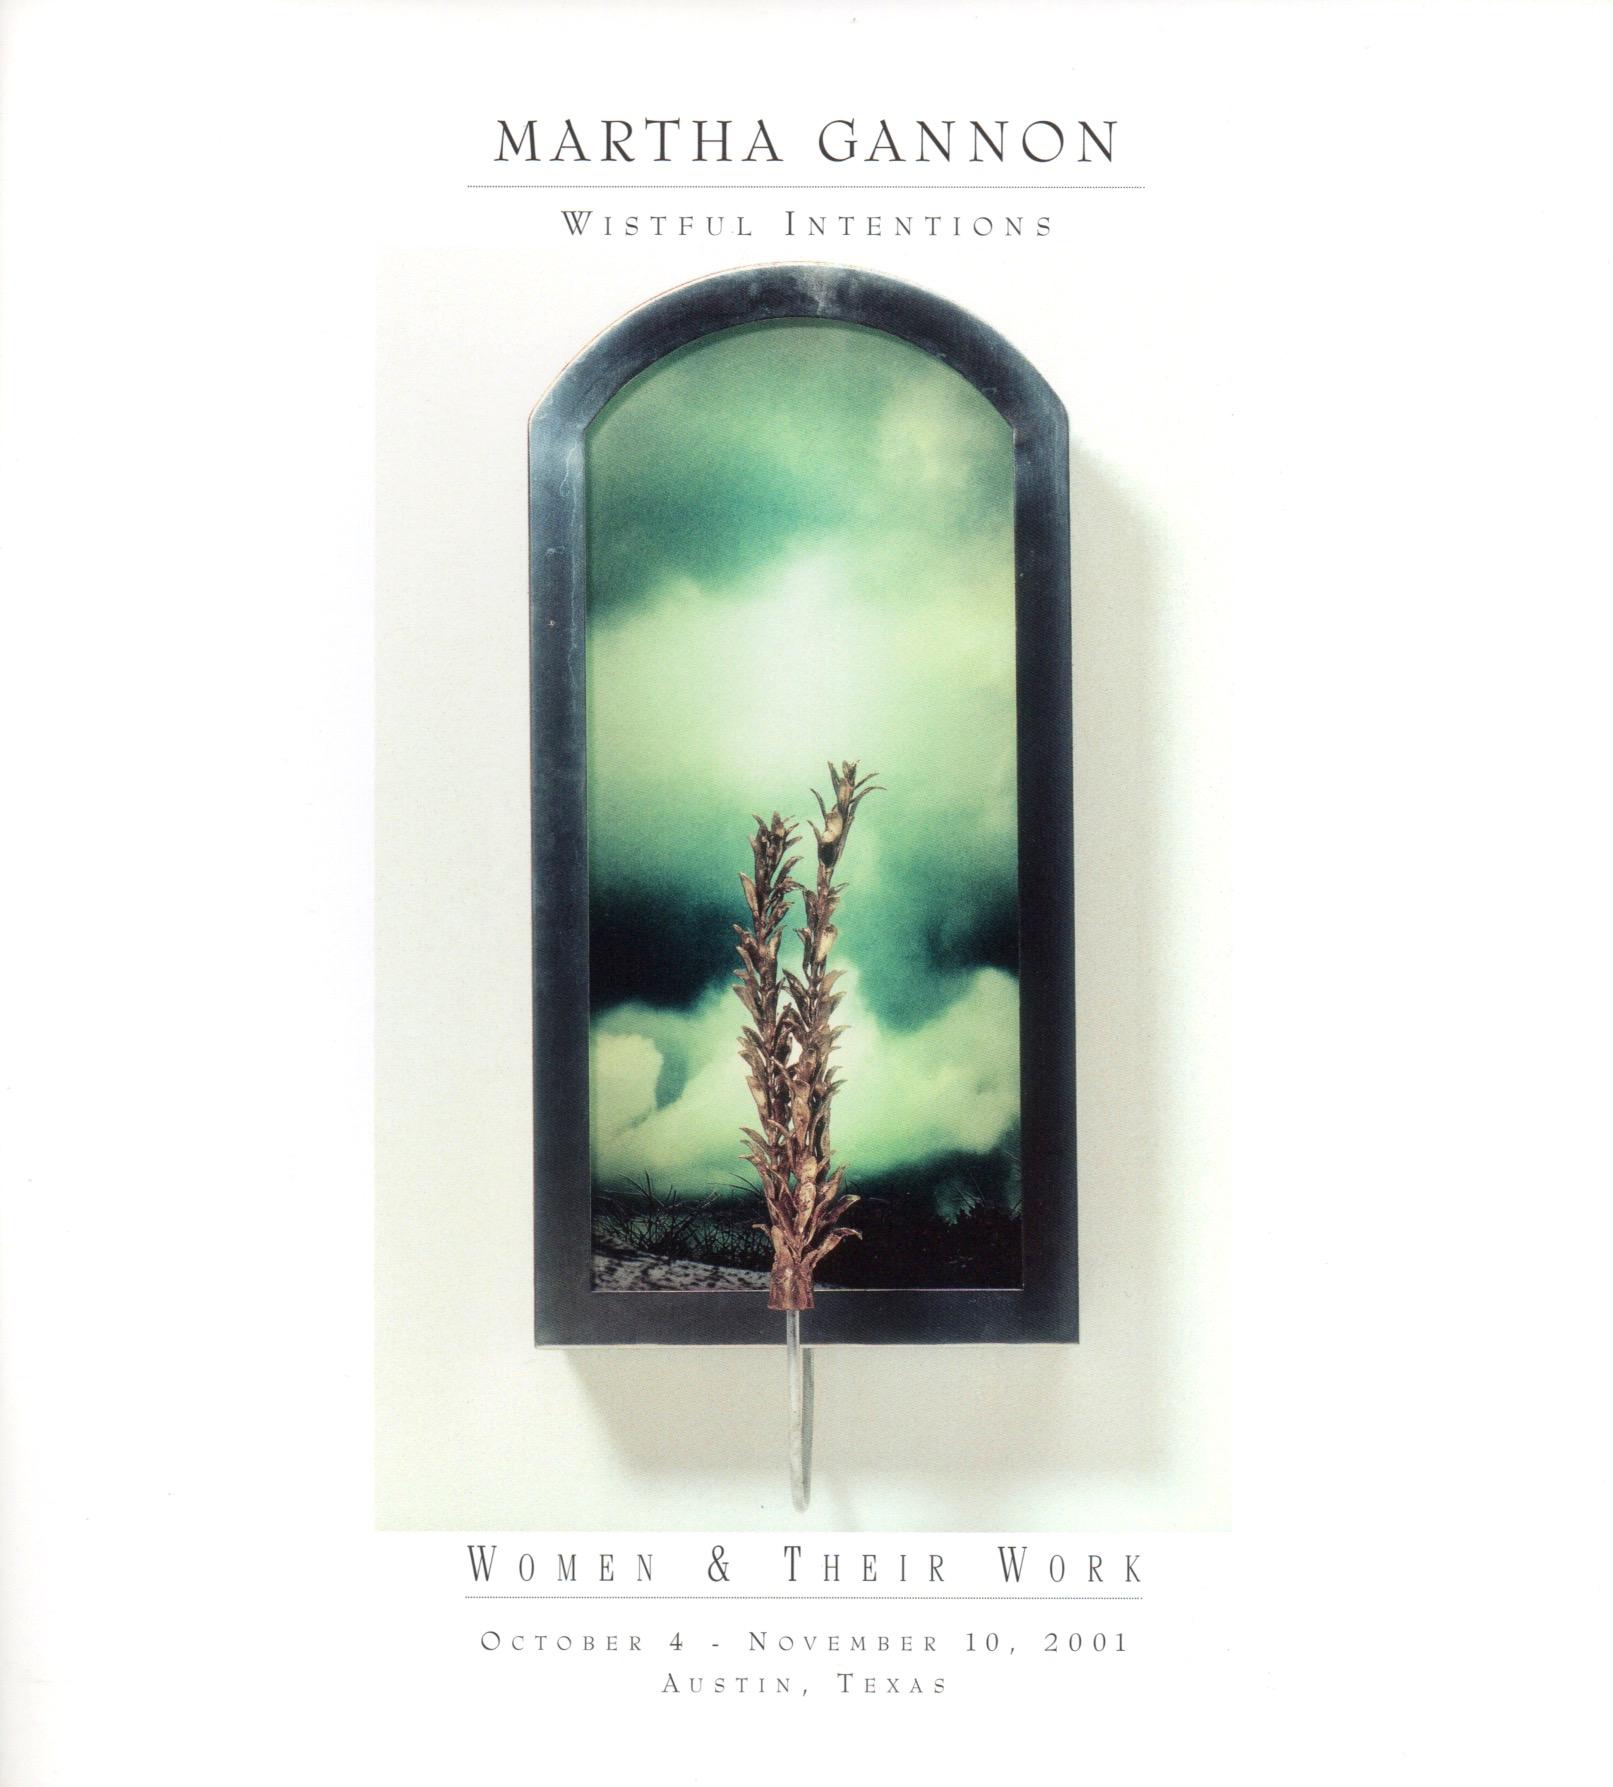 Martha Gannon_Wistful Intentions_Women and Their Work_Austin_2001